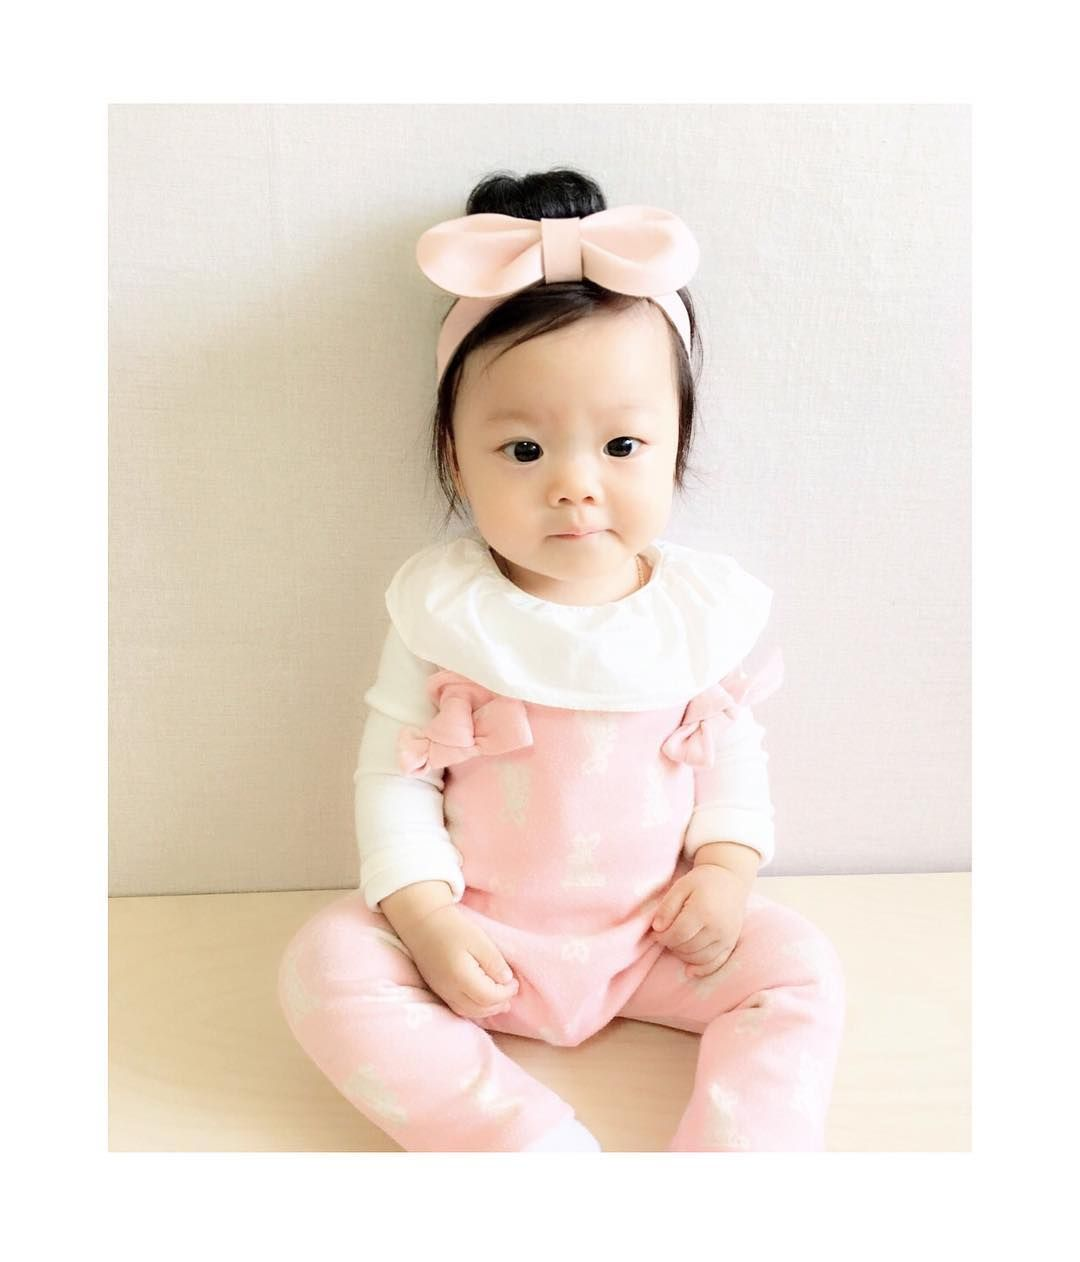 아기모델 임우주 @wooju_mom - - . 역시~넌핑크가 잘어울려핑크별이 ...Yooying